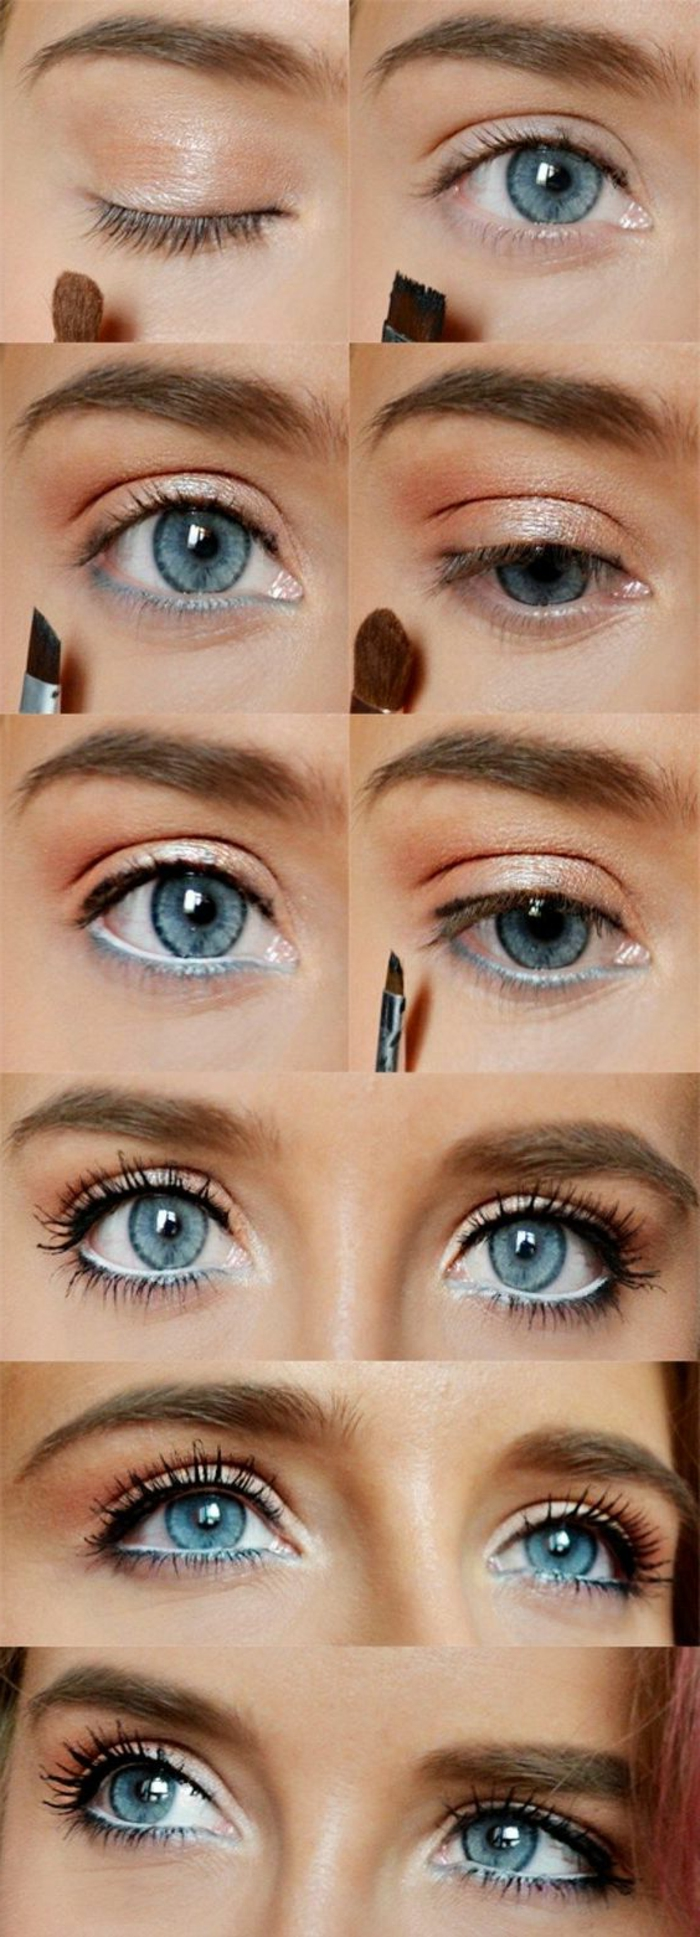 maquillage-des-yeux-doré-maquillage-pour-tous-les-jours